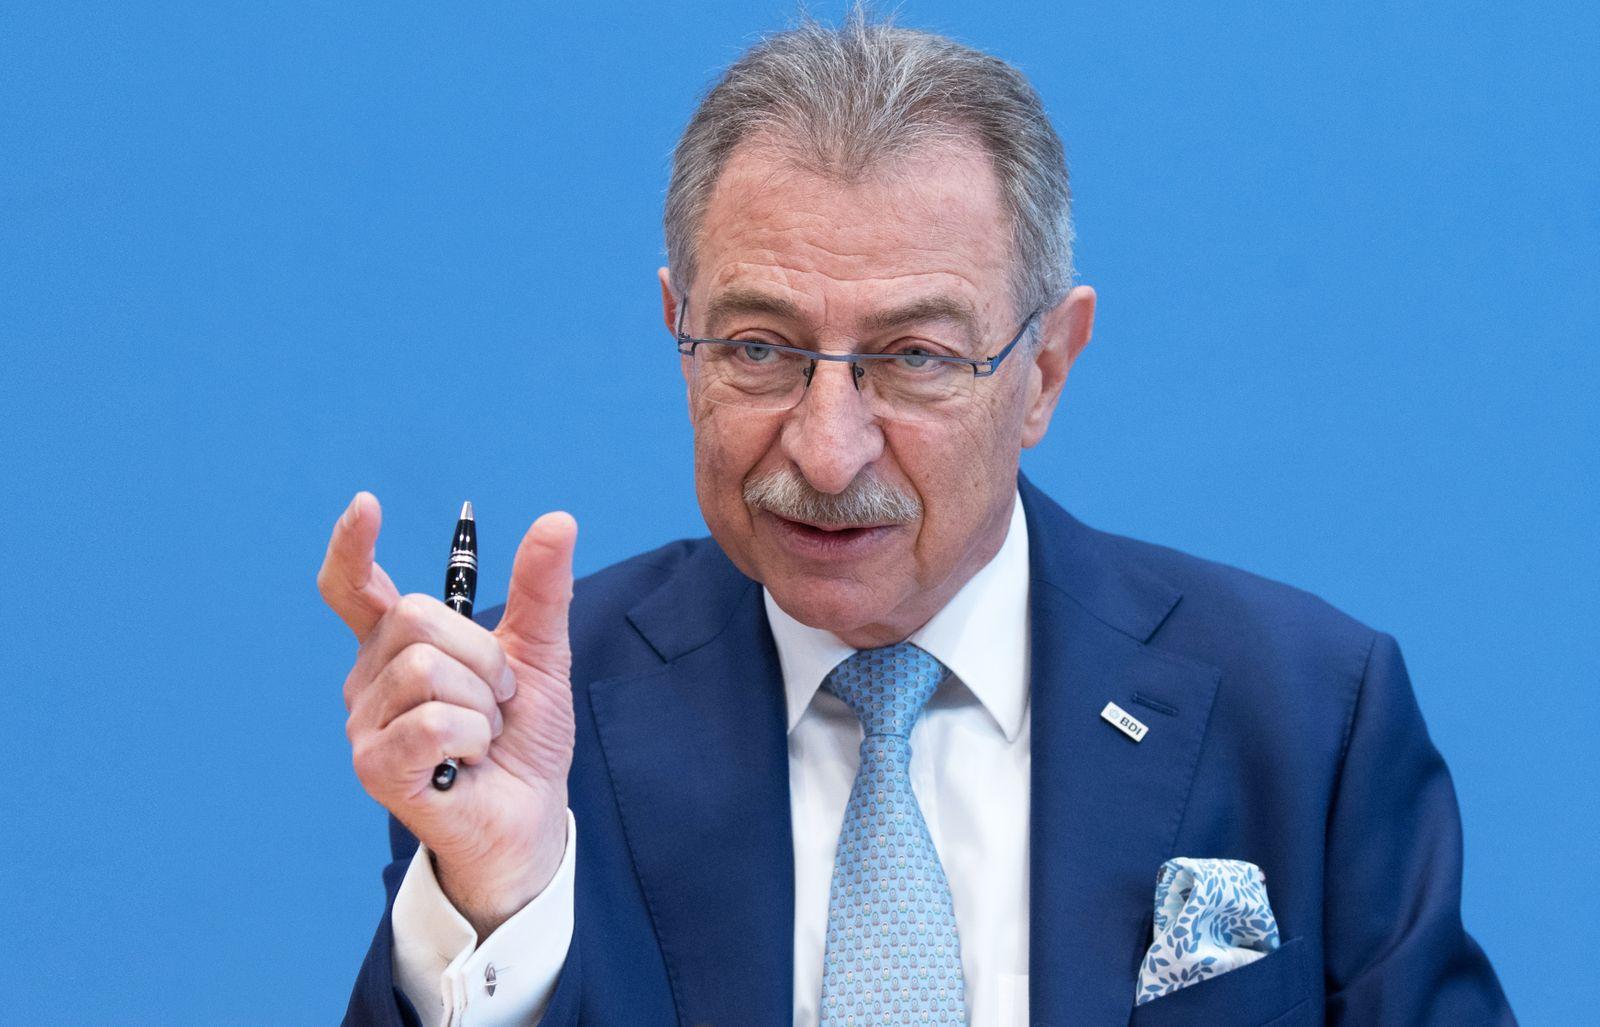 BDI-Präsident Kempf für breites Konjunkturpaket